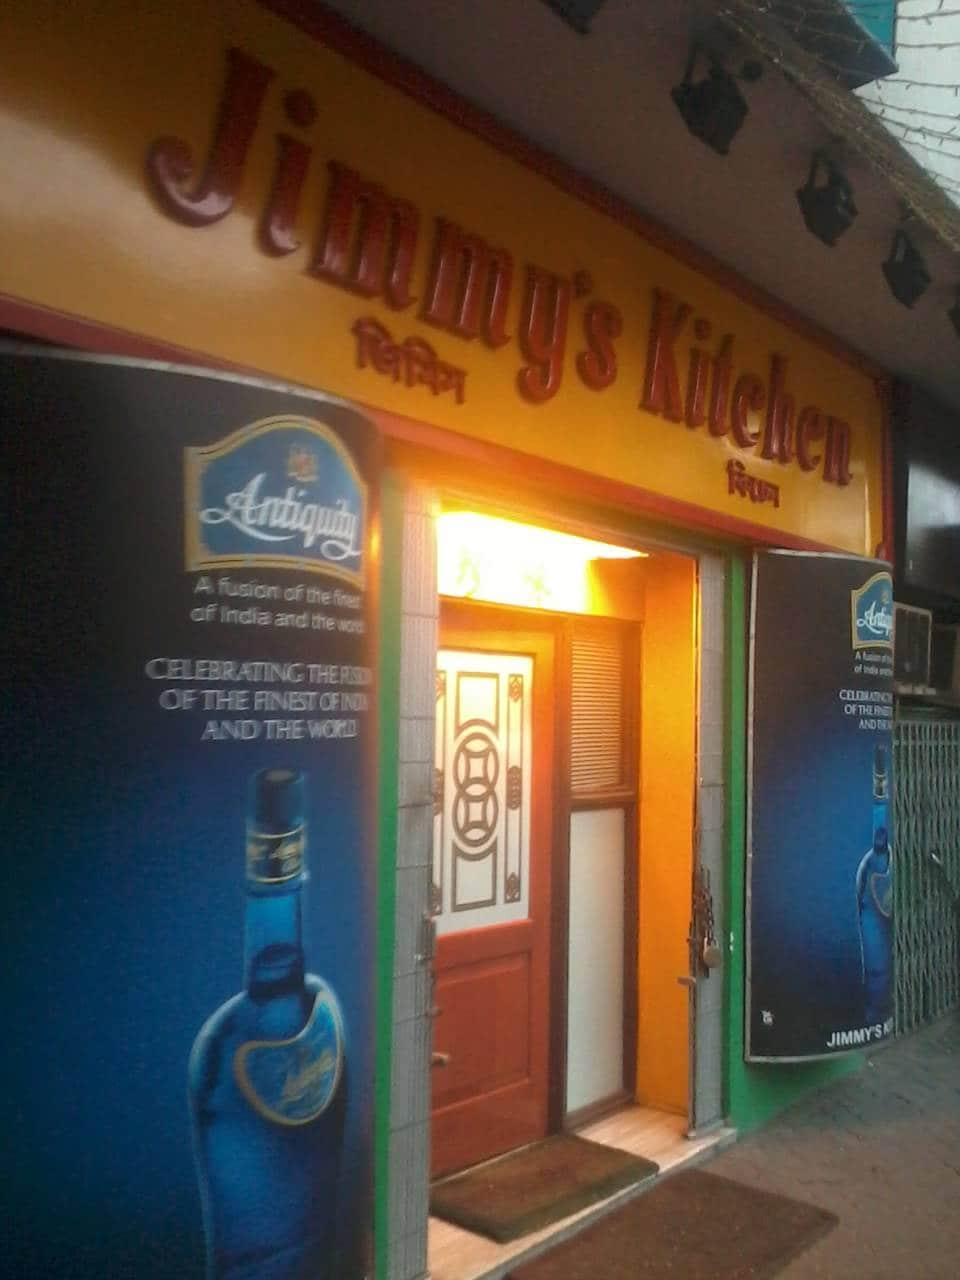 Jimmys Kitchen in Park Street